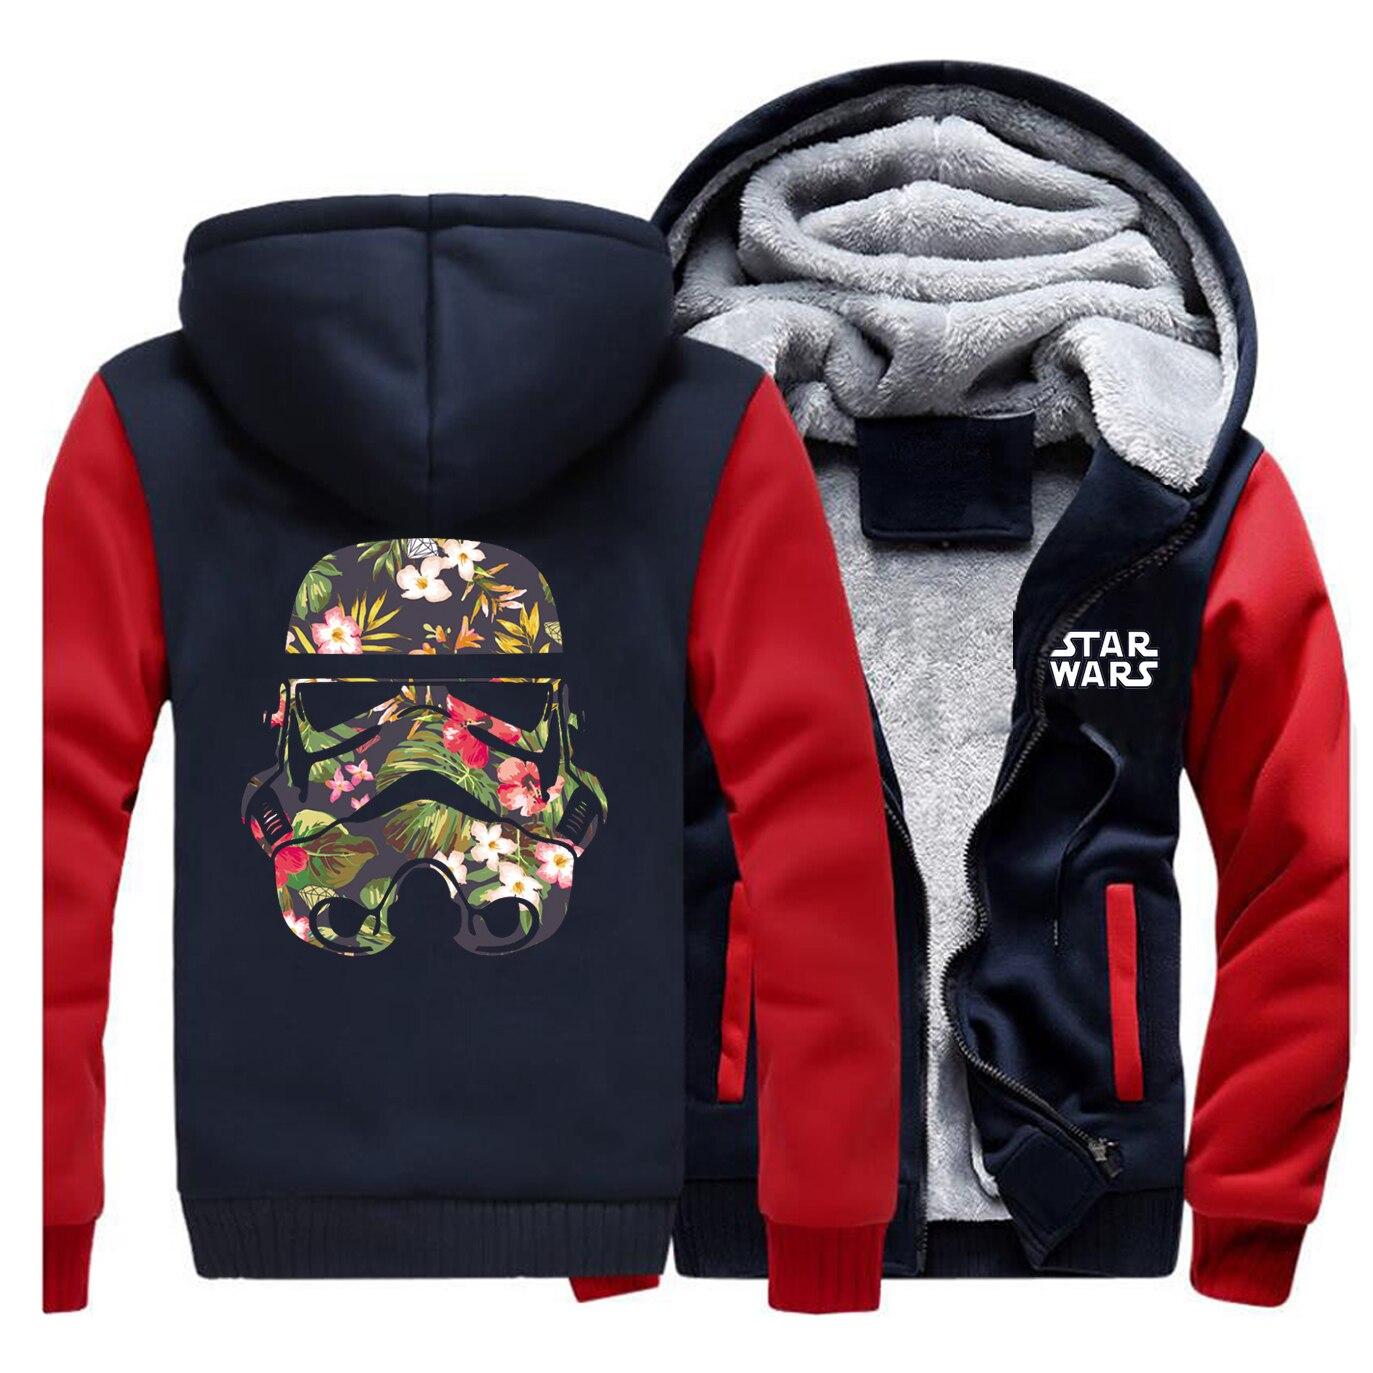 Men Raglan Star Wars Hooded Sweatshirt Trend Printing Hoodie Collar Long Sleeve Fleece Jackets 2019 Autumn Winter Fashion Coats